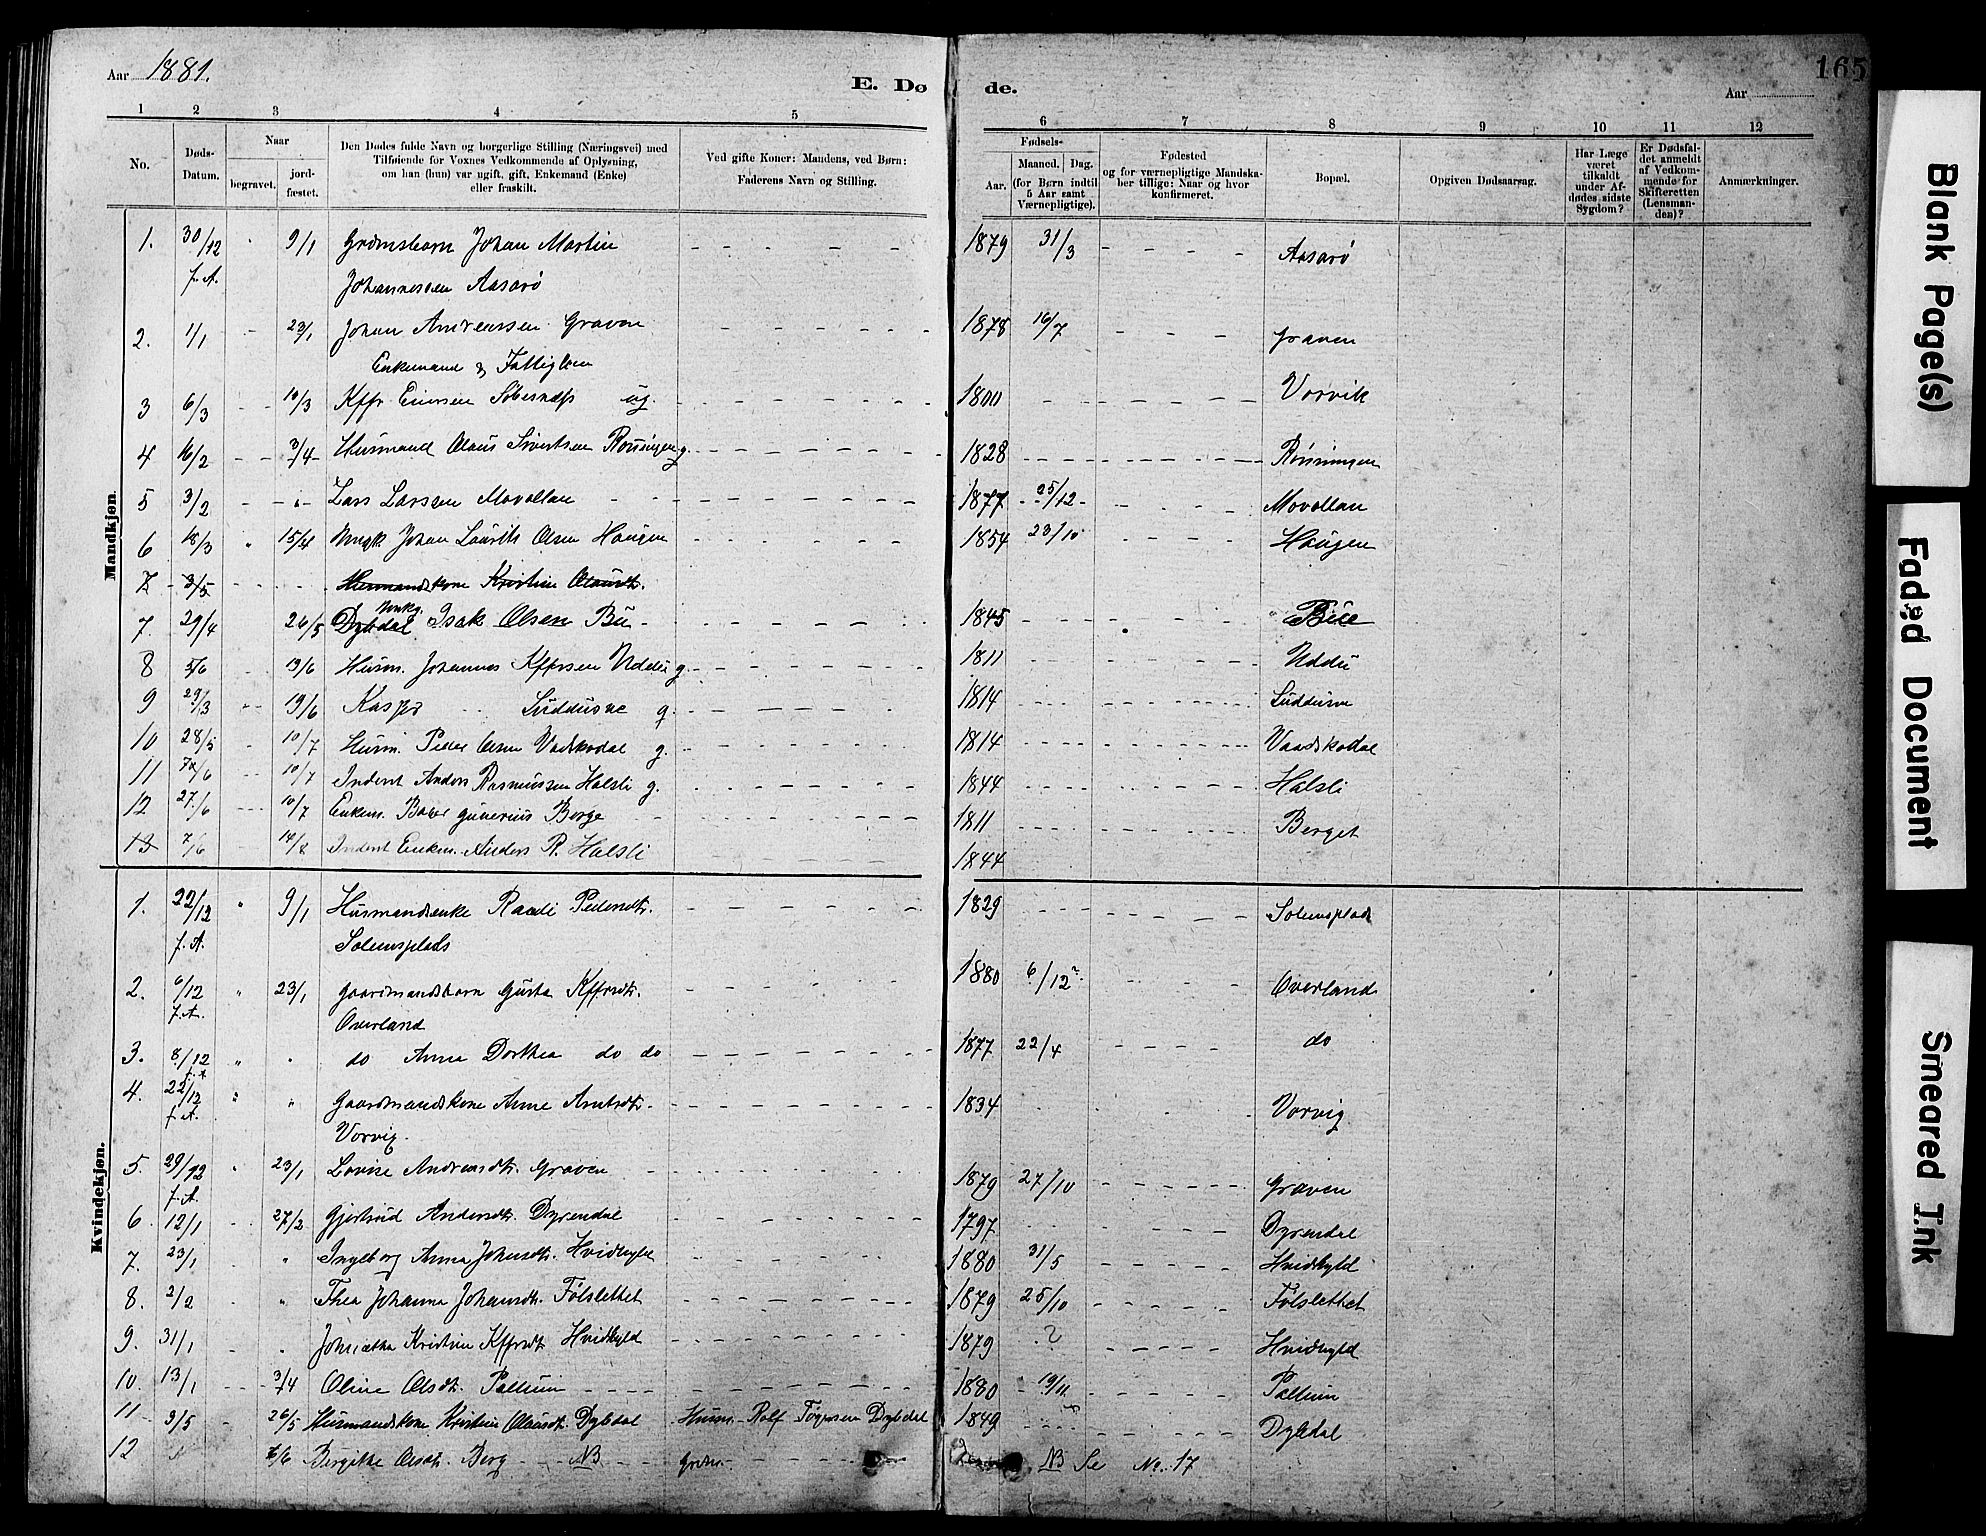 SAT, Ministerialprotokoller, klokkerbøker og fødselsregistre - Sør-Trøndelag, 647/L0636: Klokkerbok nr. 647C01, 1881-1884, s. 165